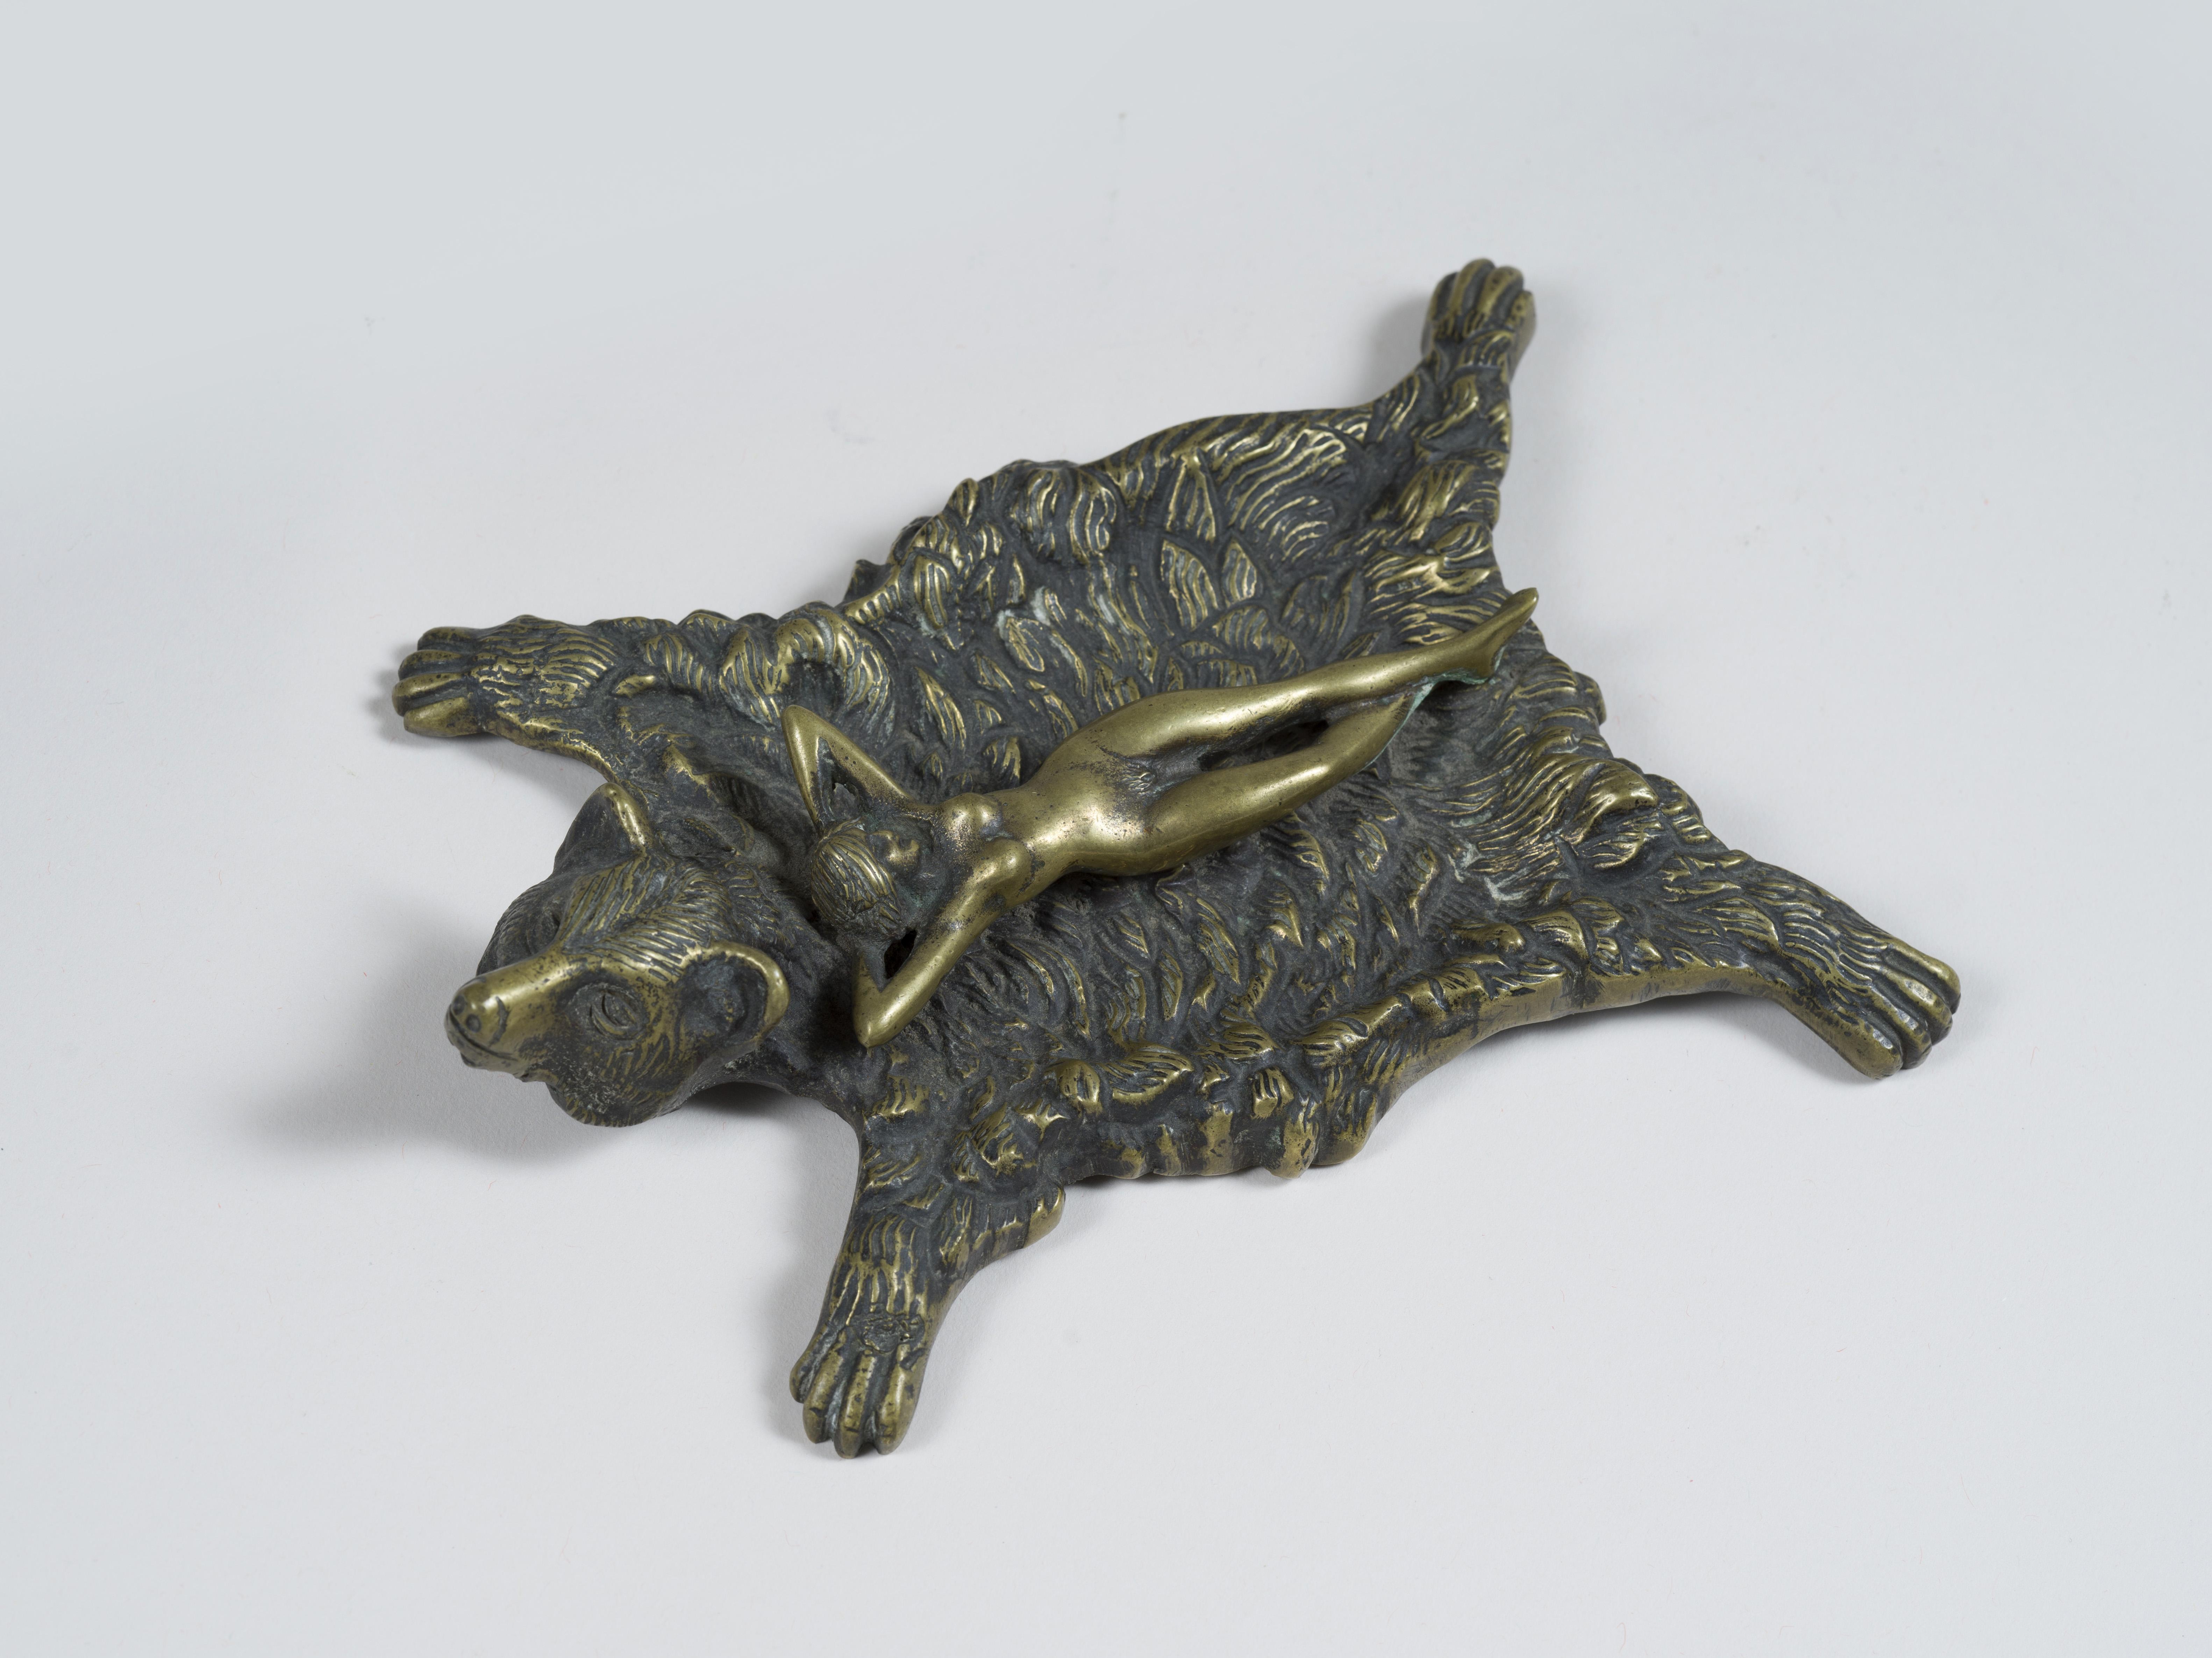 Lot 40 - Erotica - Cendrier en bronze figurant une jeune femme nu étendue sur une peau d'ours [...]